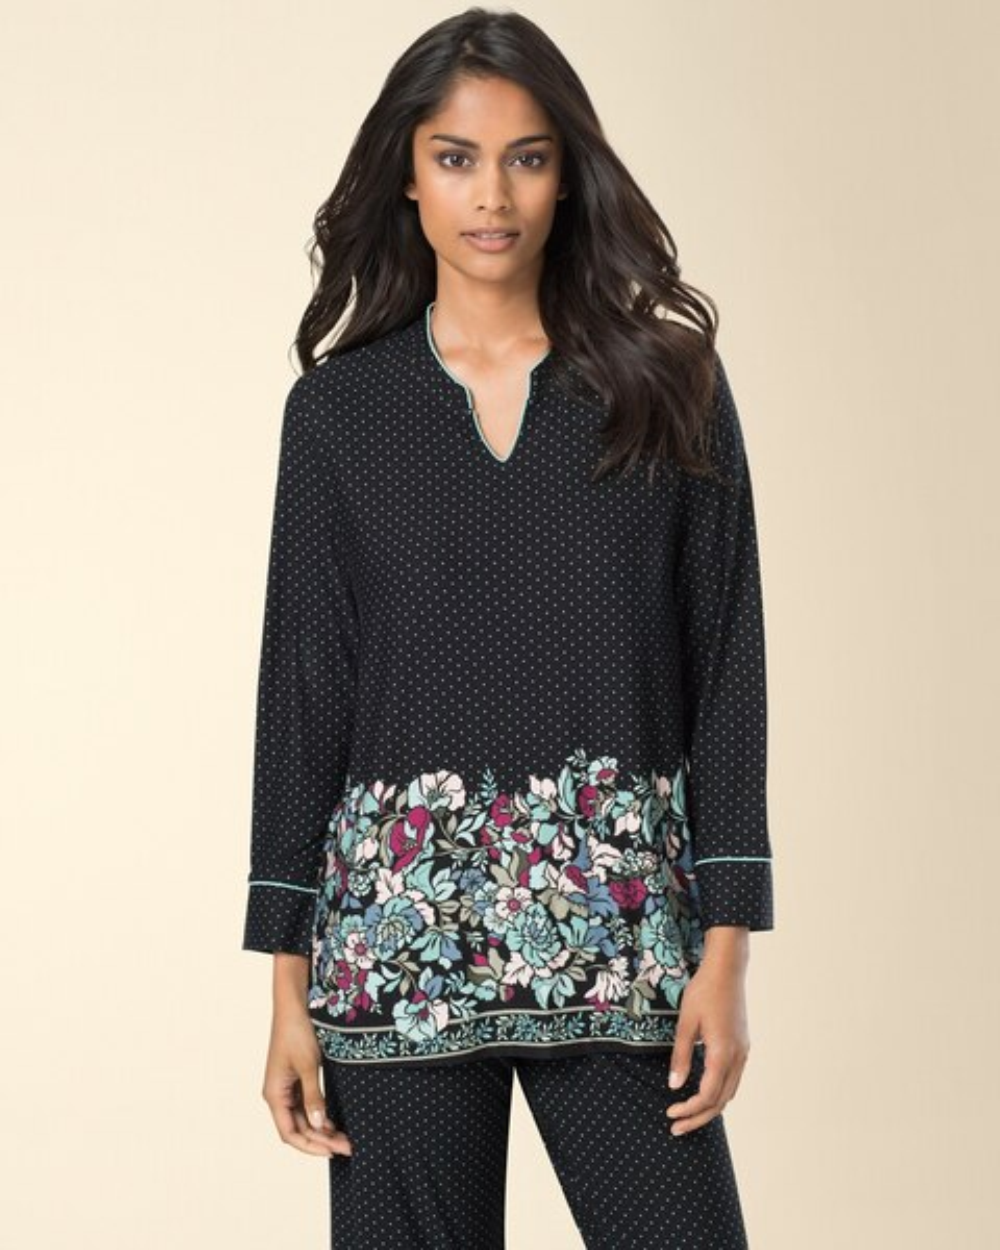 f5df30dc02 Long Sleeve Popover Pajama Top Abundant Floral Black Border - Soma